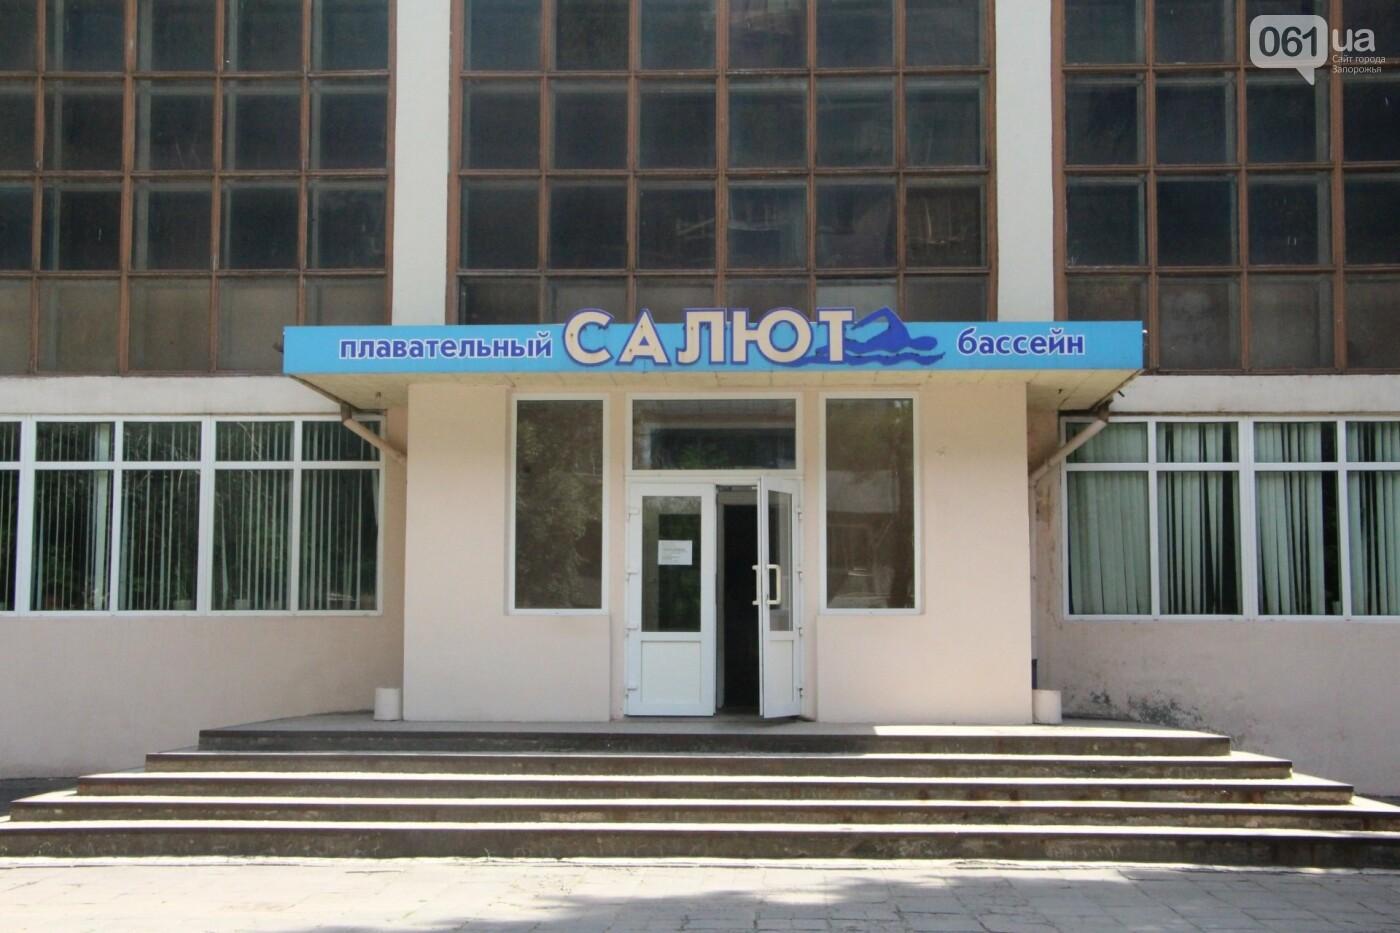 """В Запорожье впервые за 50 лет начали реконструкцию бассейна """"Салют"""", фото-1"""